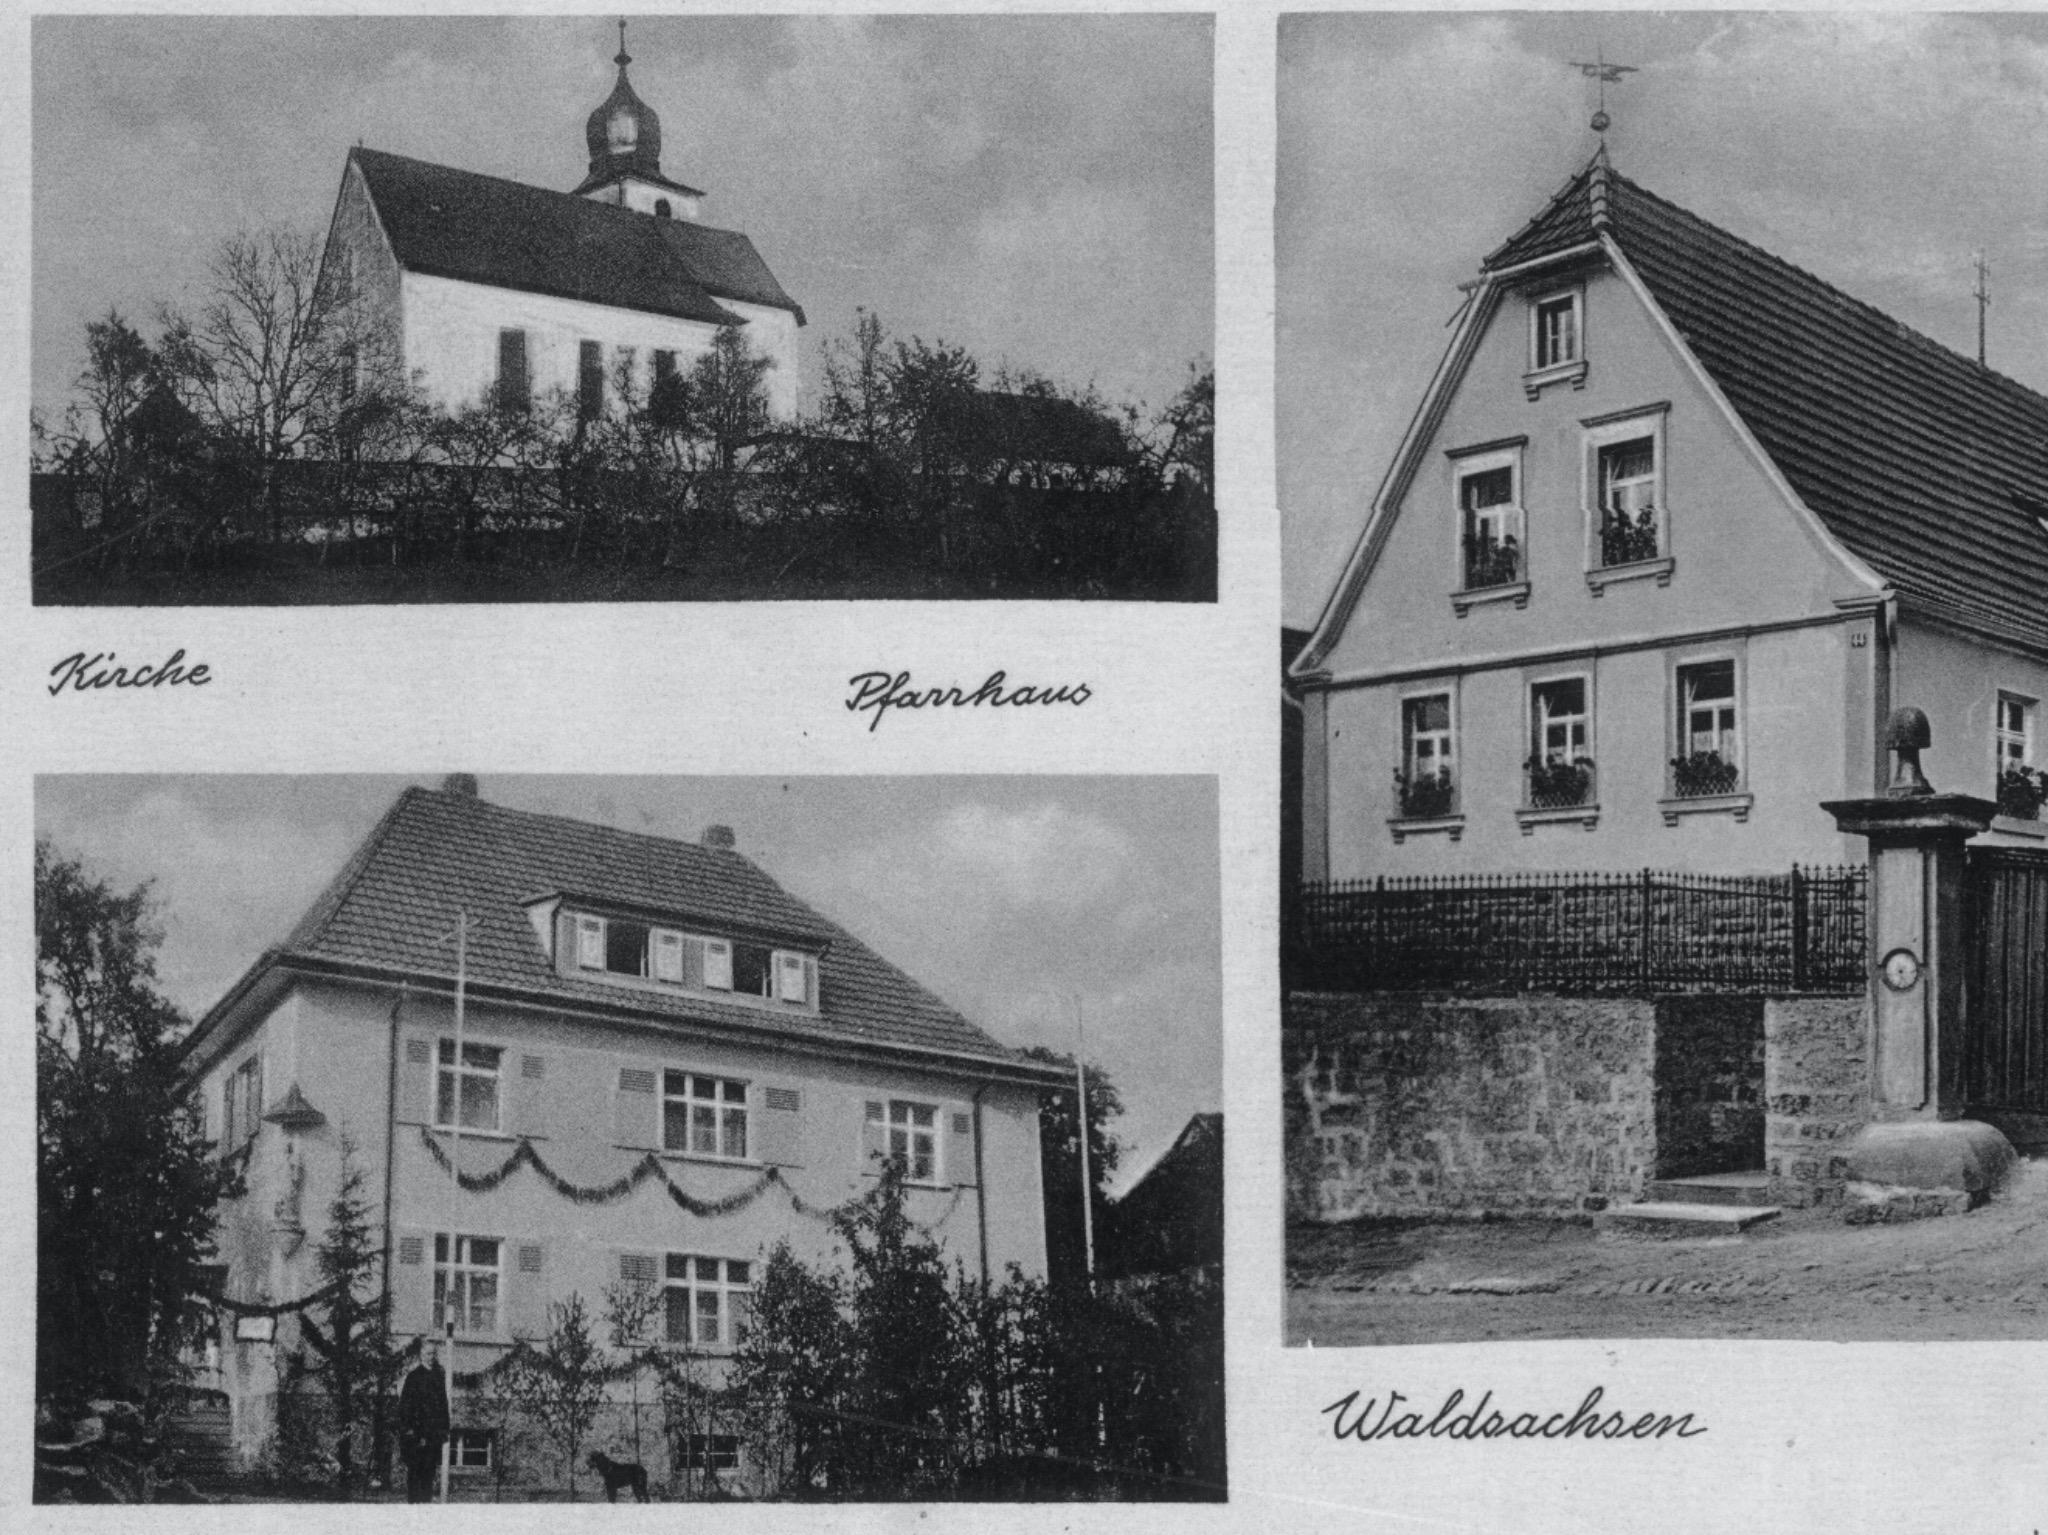 Postkarte von 1934 nach der Renovierung der Kirche. Foto: zur Verfügung gestellt von Fam. Schleyer, Bayerhöfer Str.